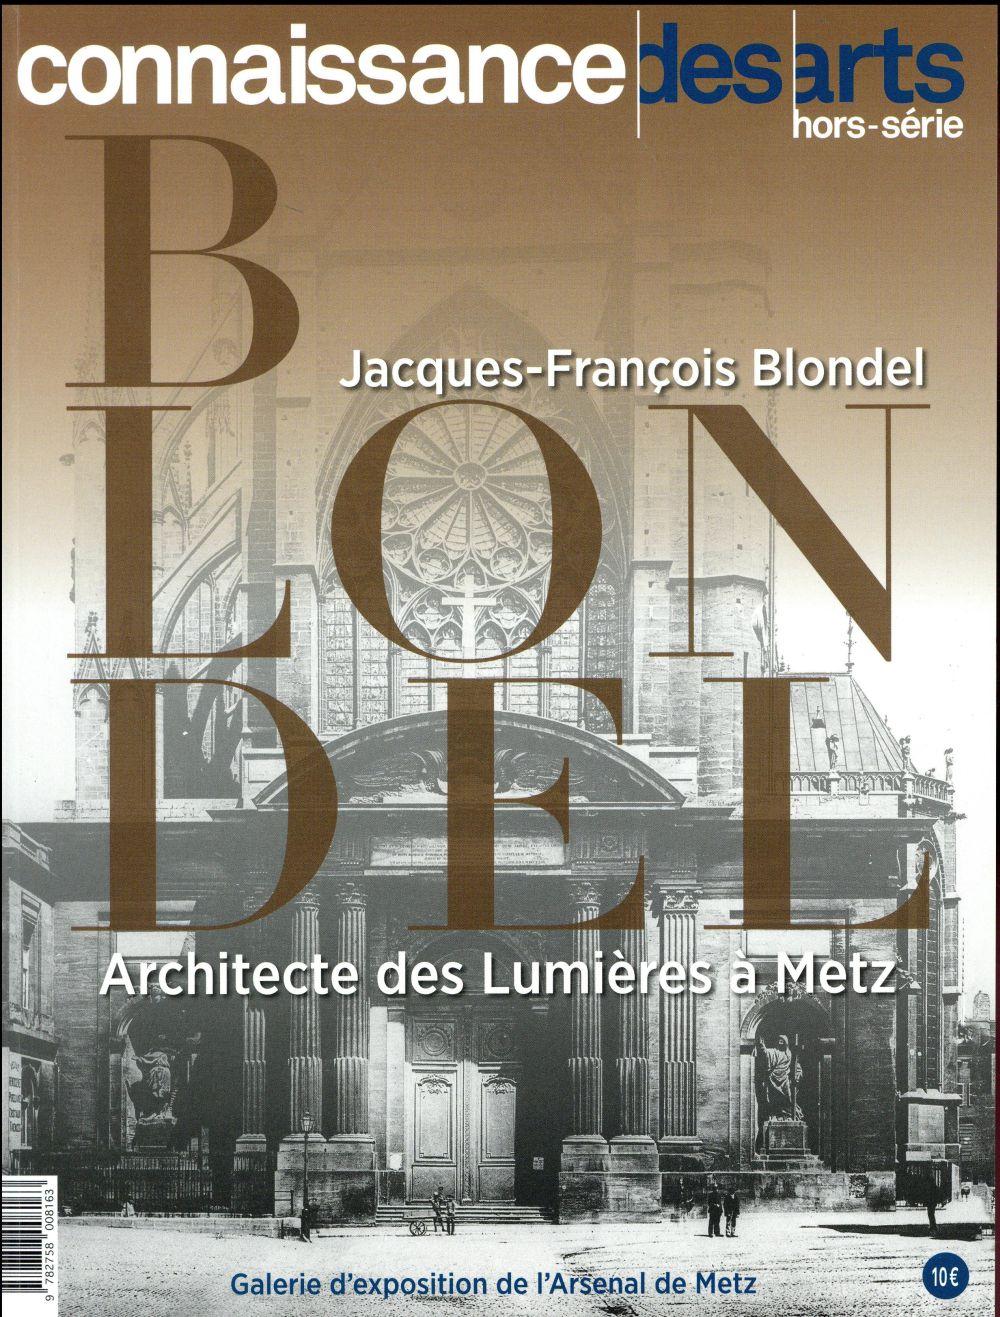 JEAN FRANCOIS BLONDEL ARCHITECTE DES LUMIERES A METZ